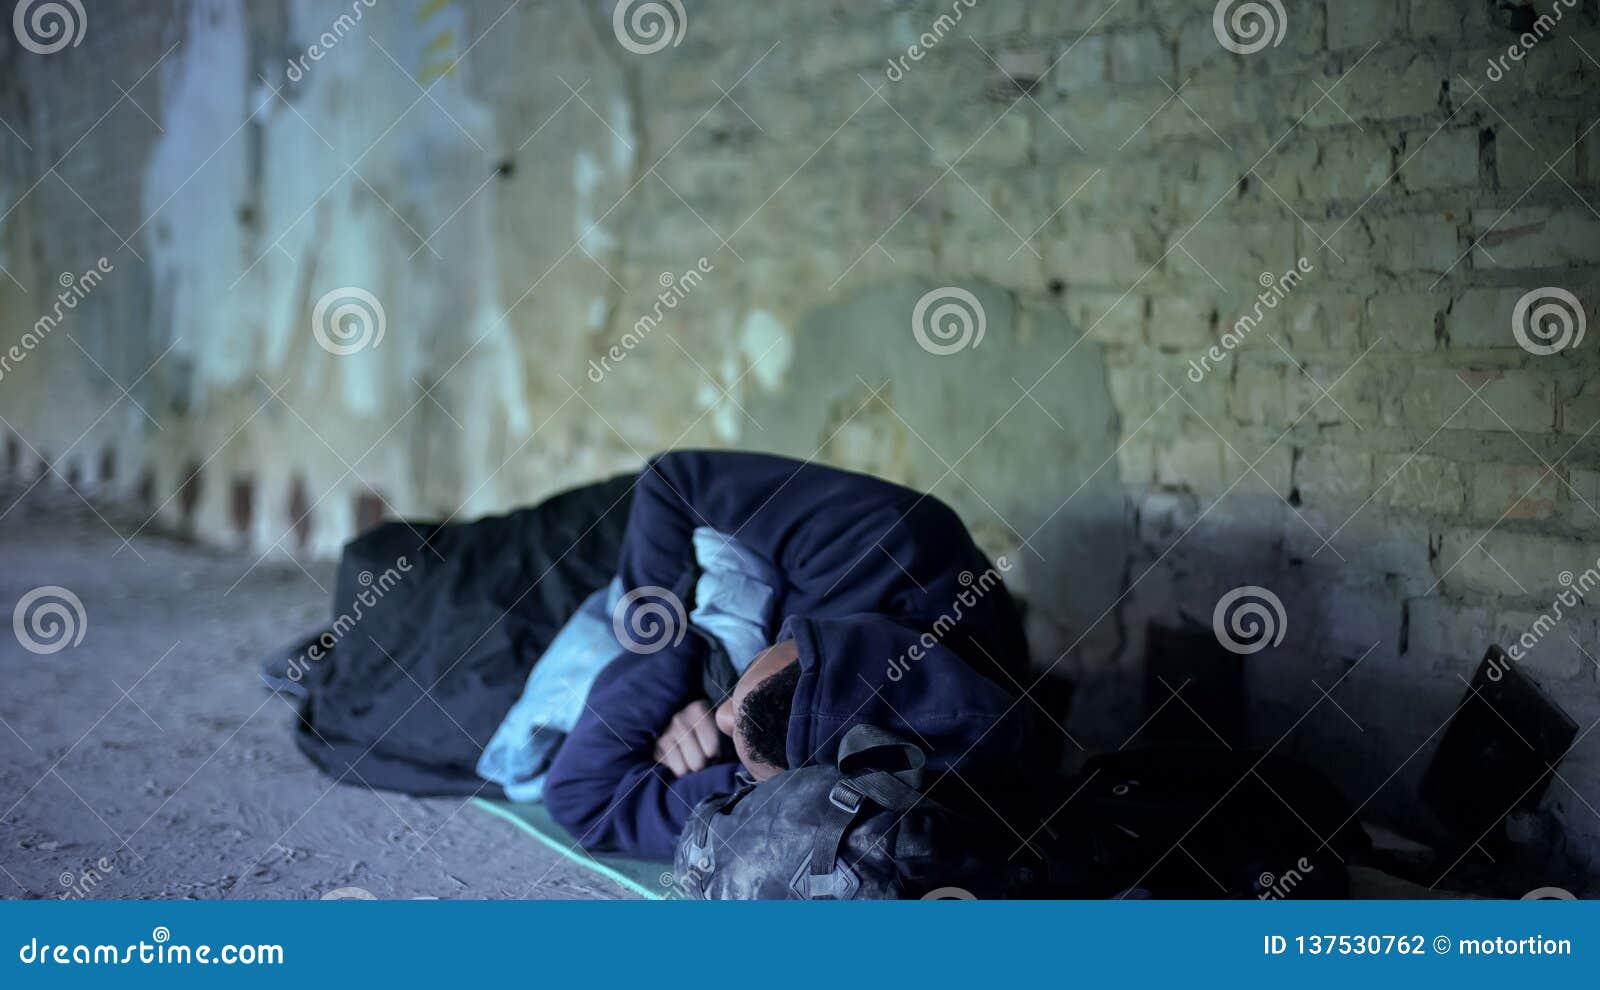 Adolescent sans abri dormant sur la rue, pauvreté, société égoïste indifférente